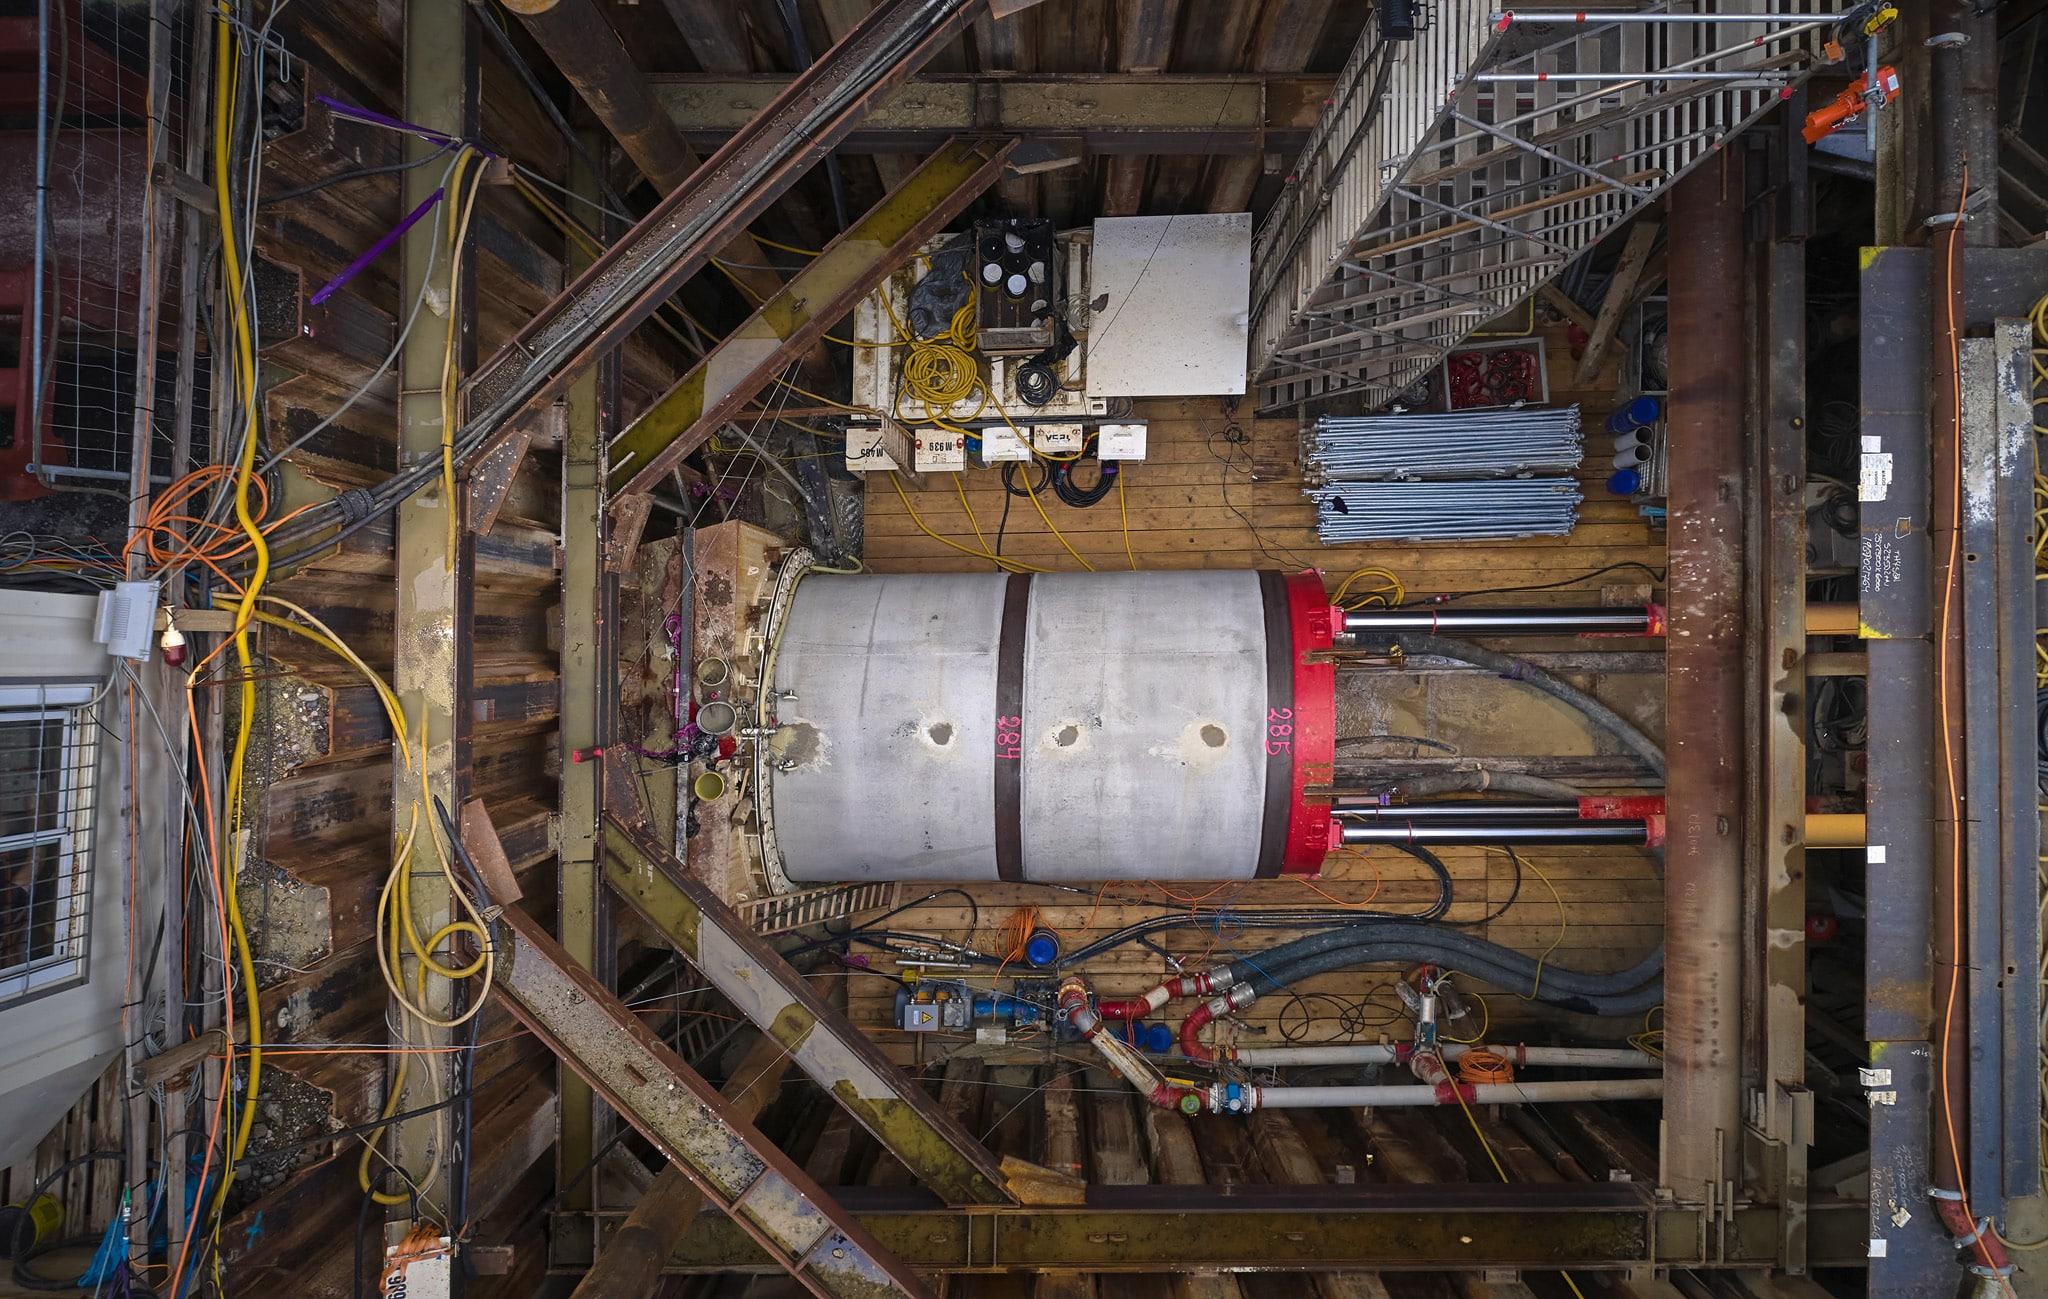 Sonntag Bau AG - Fernwärme Projekt Zürich - Microtunneling- Hydraulische Presse im Startschacht Gerstenstrasse mit Vortriebsrohr